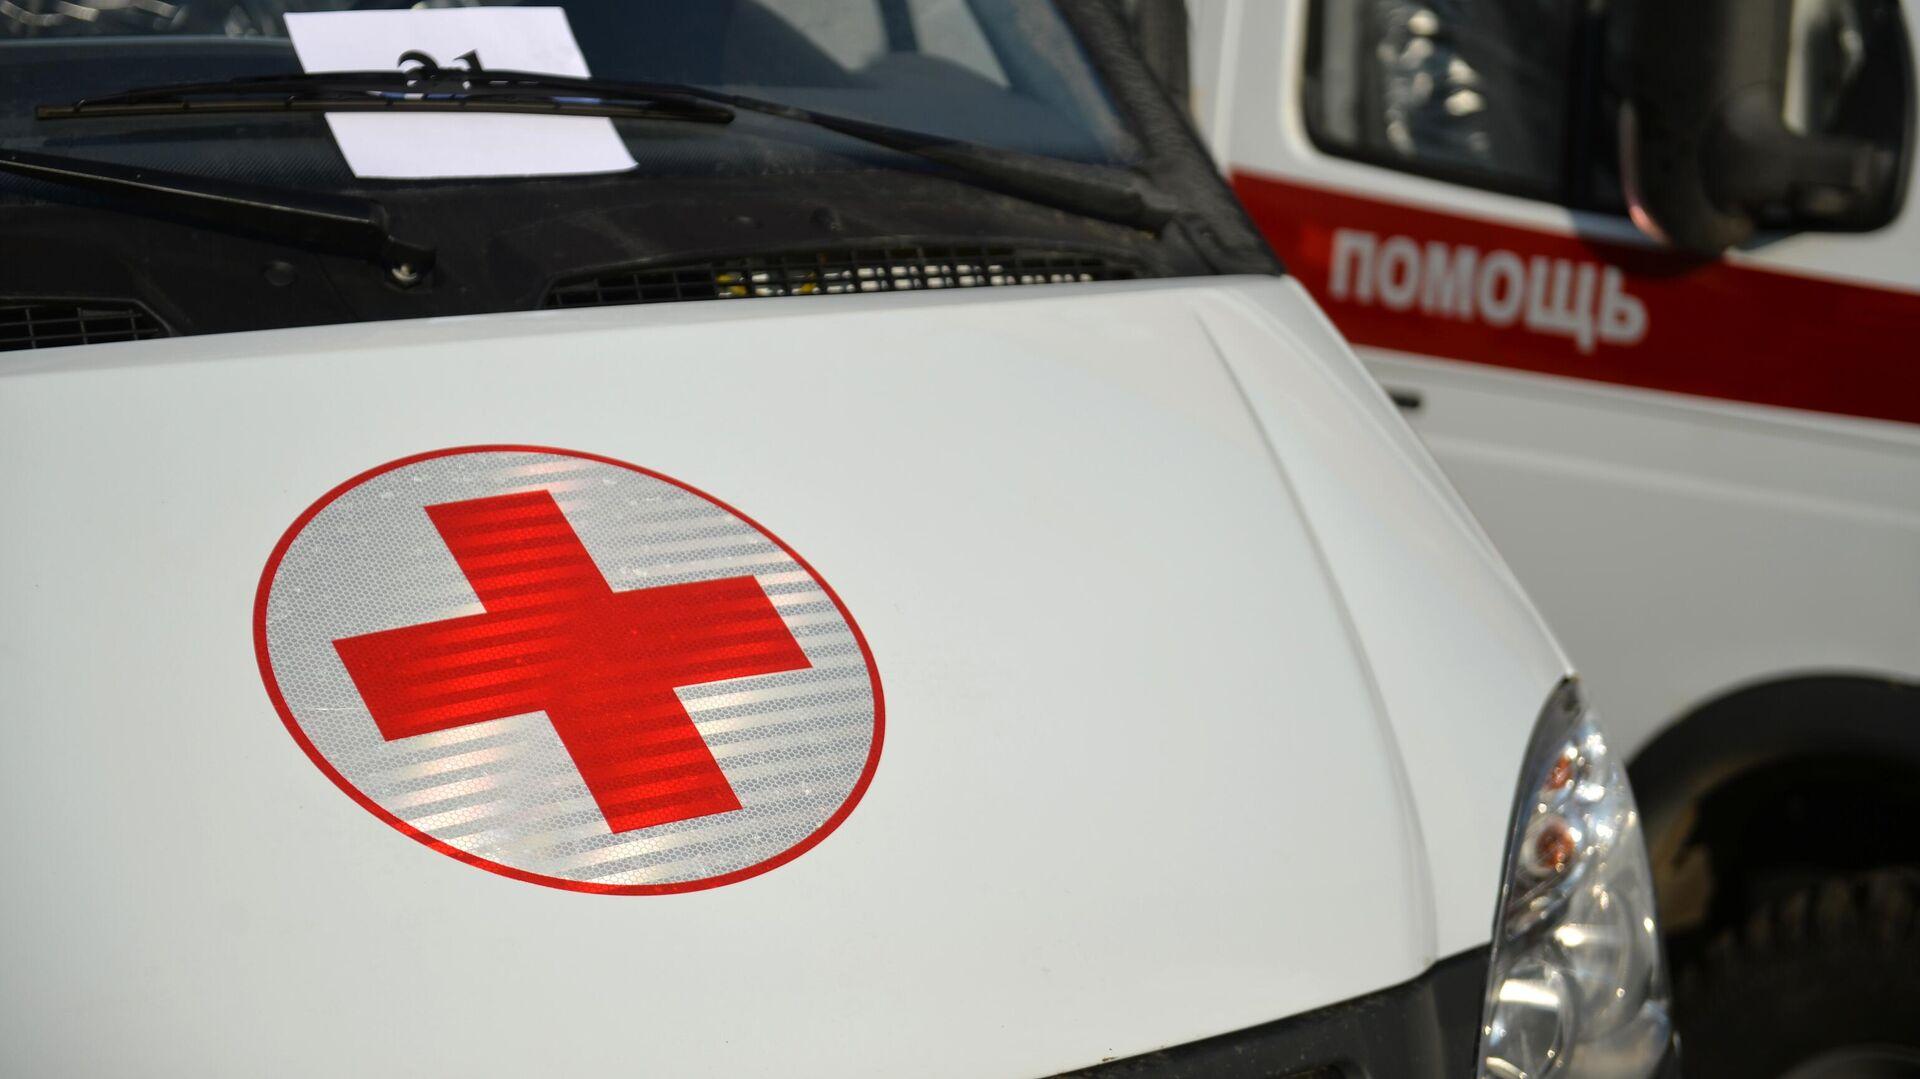 Красный крест на автомобиле скорой медицинской помощи в Свердловской области - РИА Новости, 1920, 15.10.2020